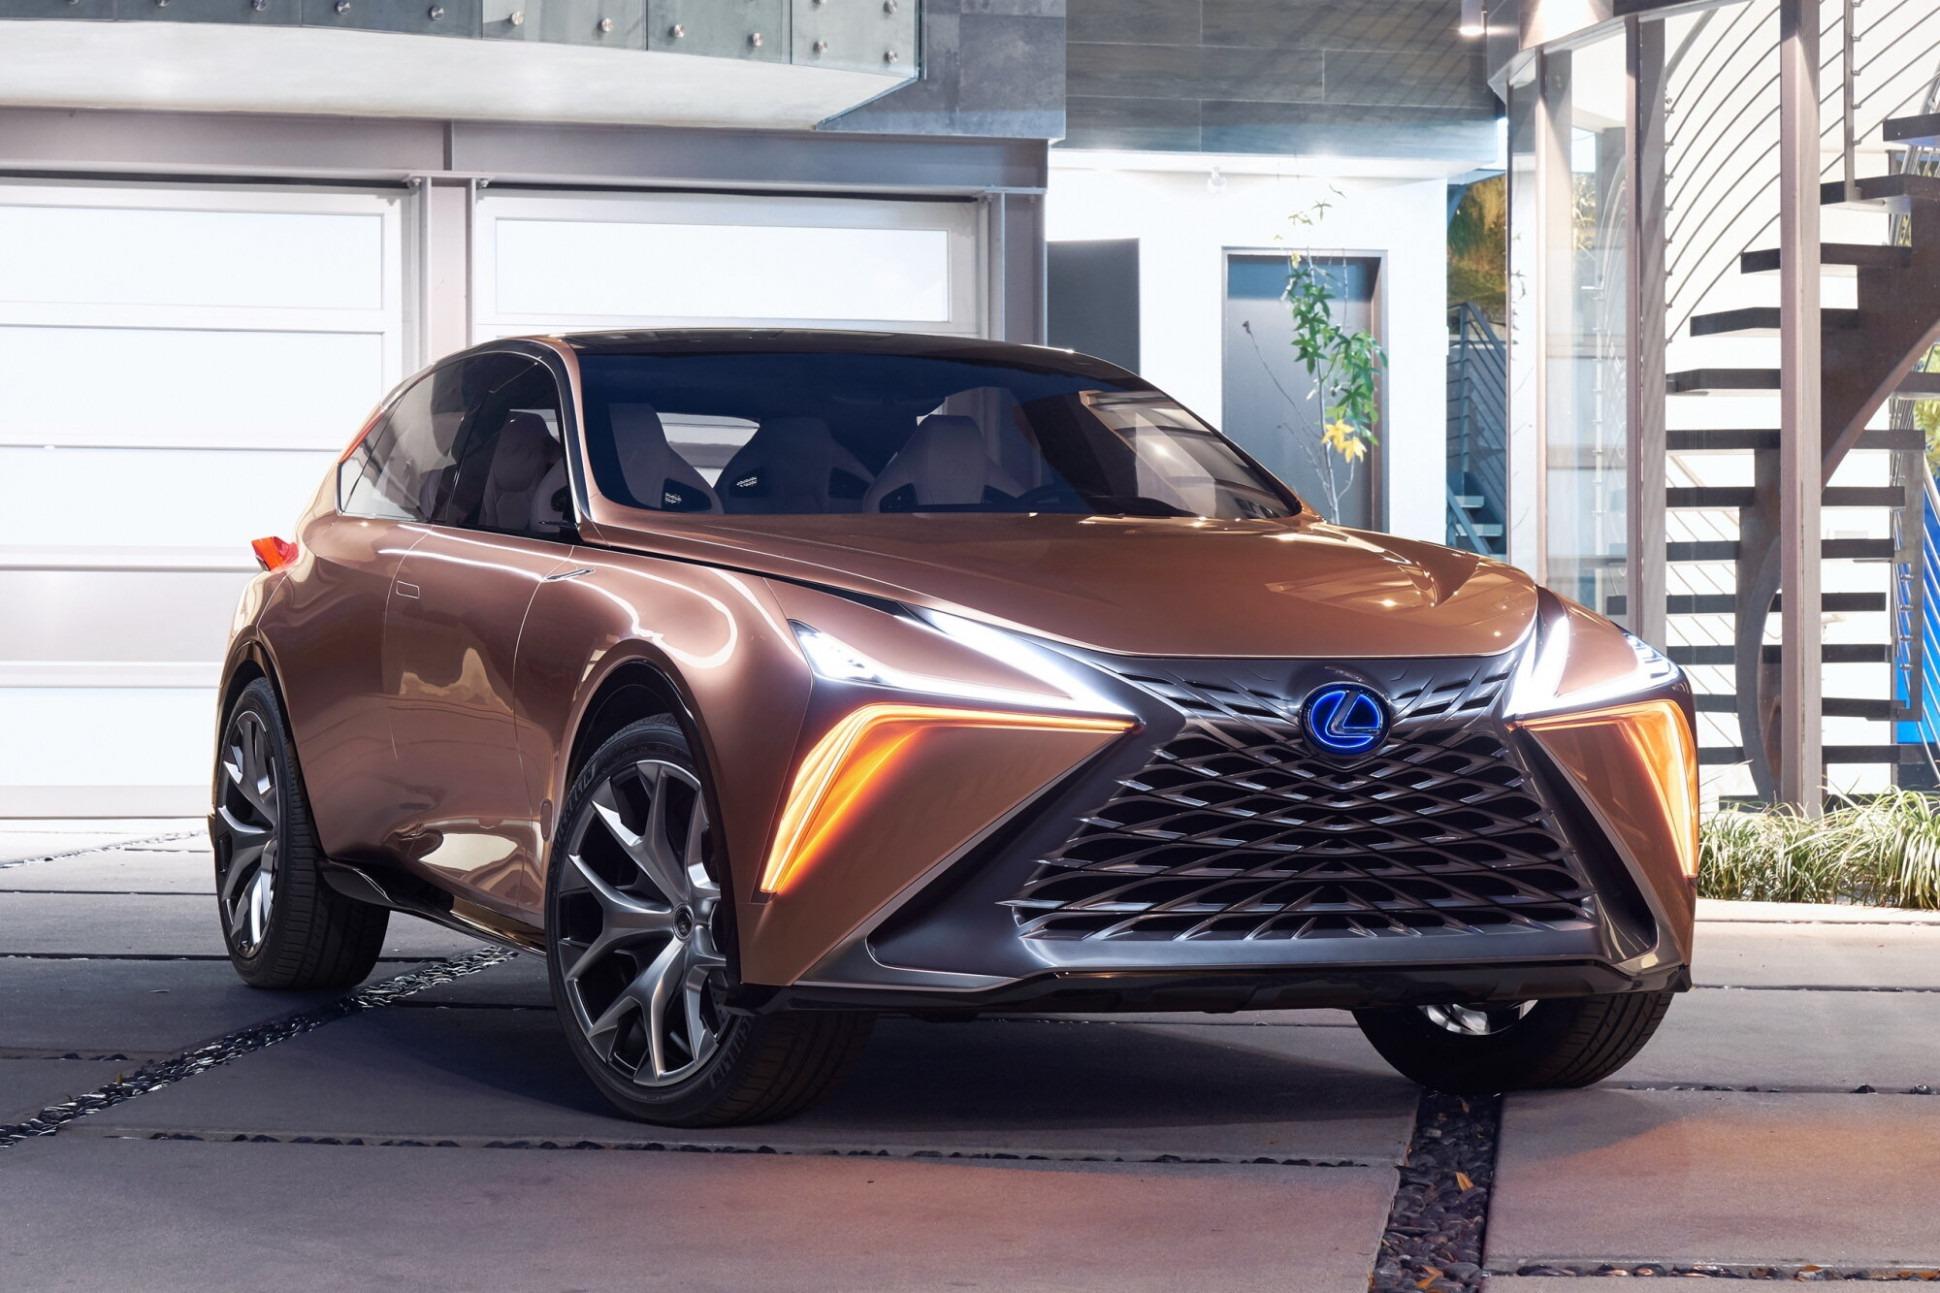 2022 Lexus RX350 Spy Photos